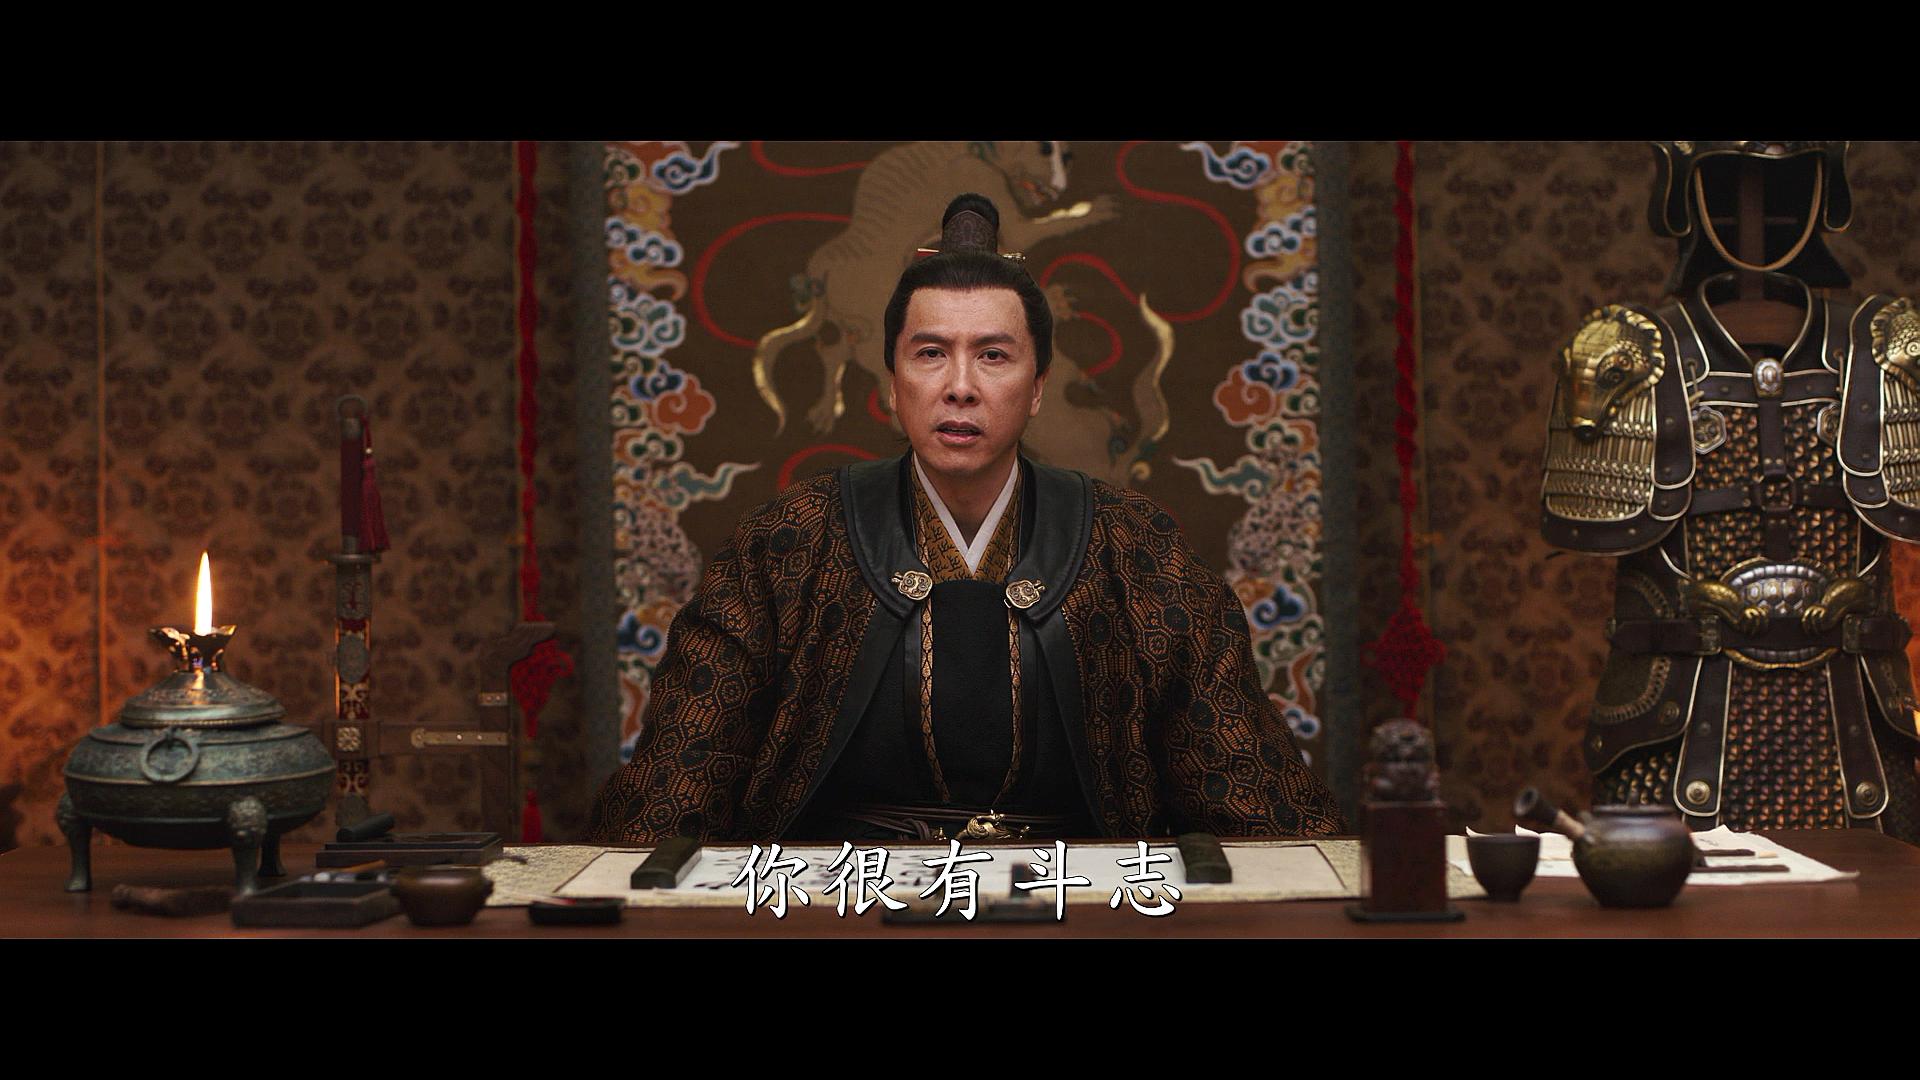 http://www.hljold.org.cn/heilongjianglvyou/344241.html